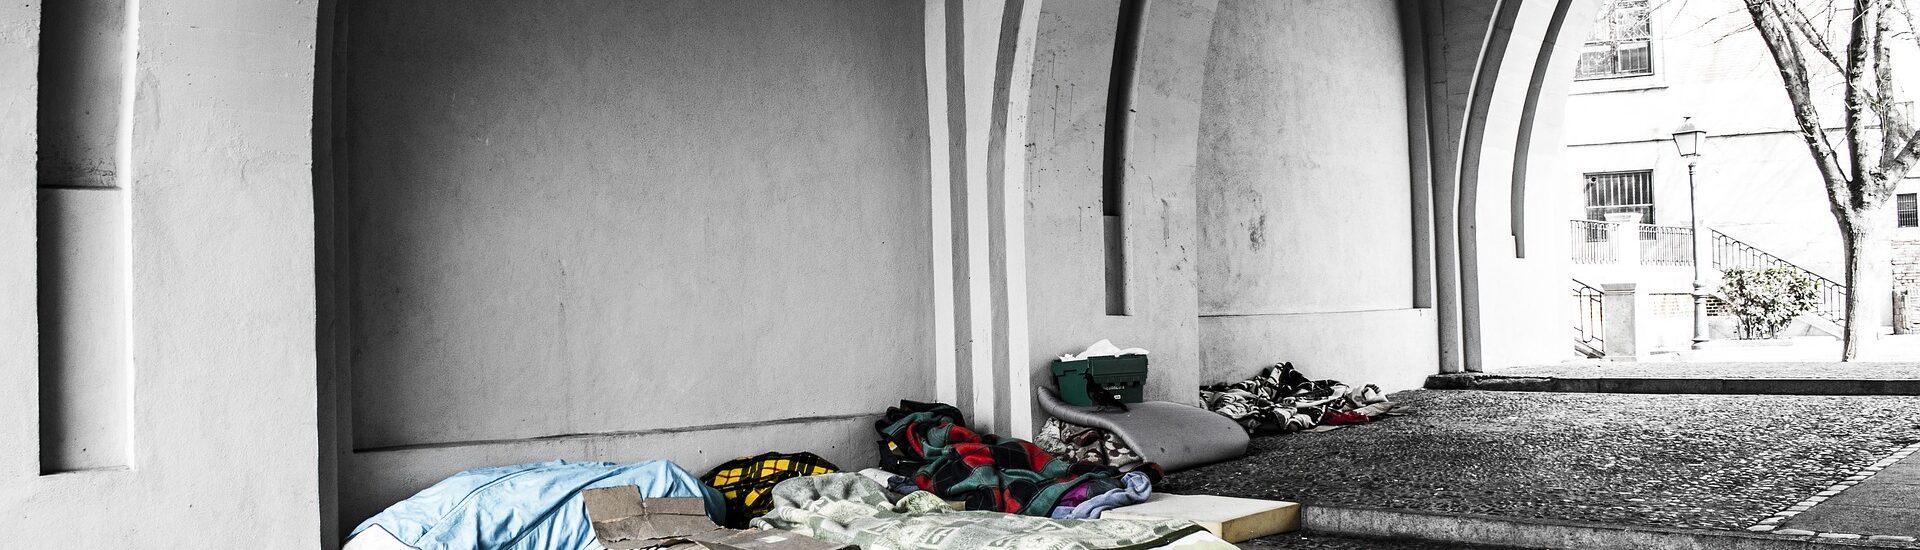 Διαμαρτυρία προσφύγων Γιεζίντι στις Σέρρες για τις εξώσεις